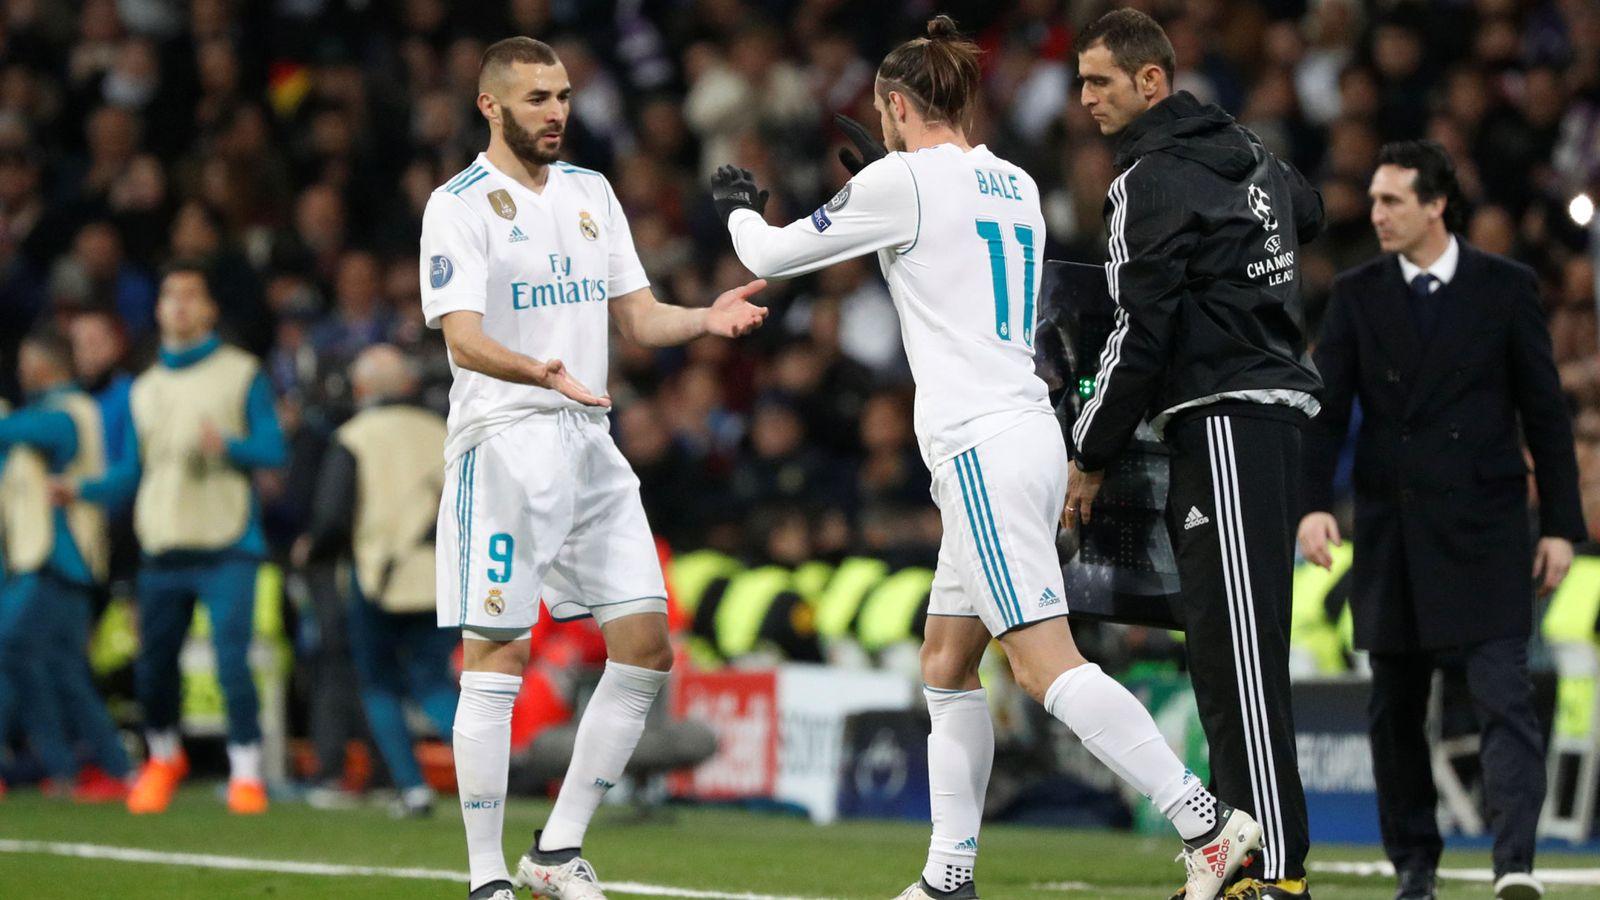 Foto: Bale fue suplente el pasado miércoles en el partido de Champions contra el PSG. (Reuters)